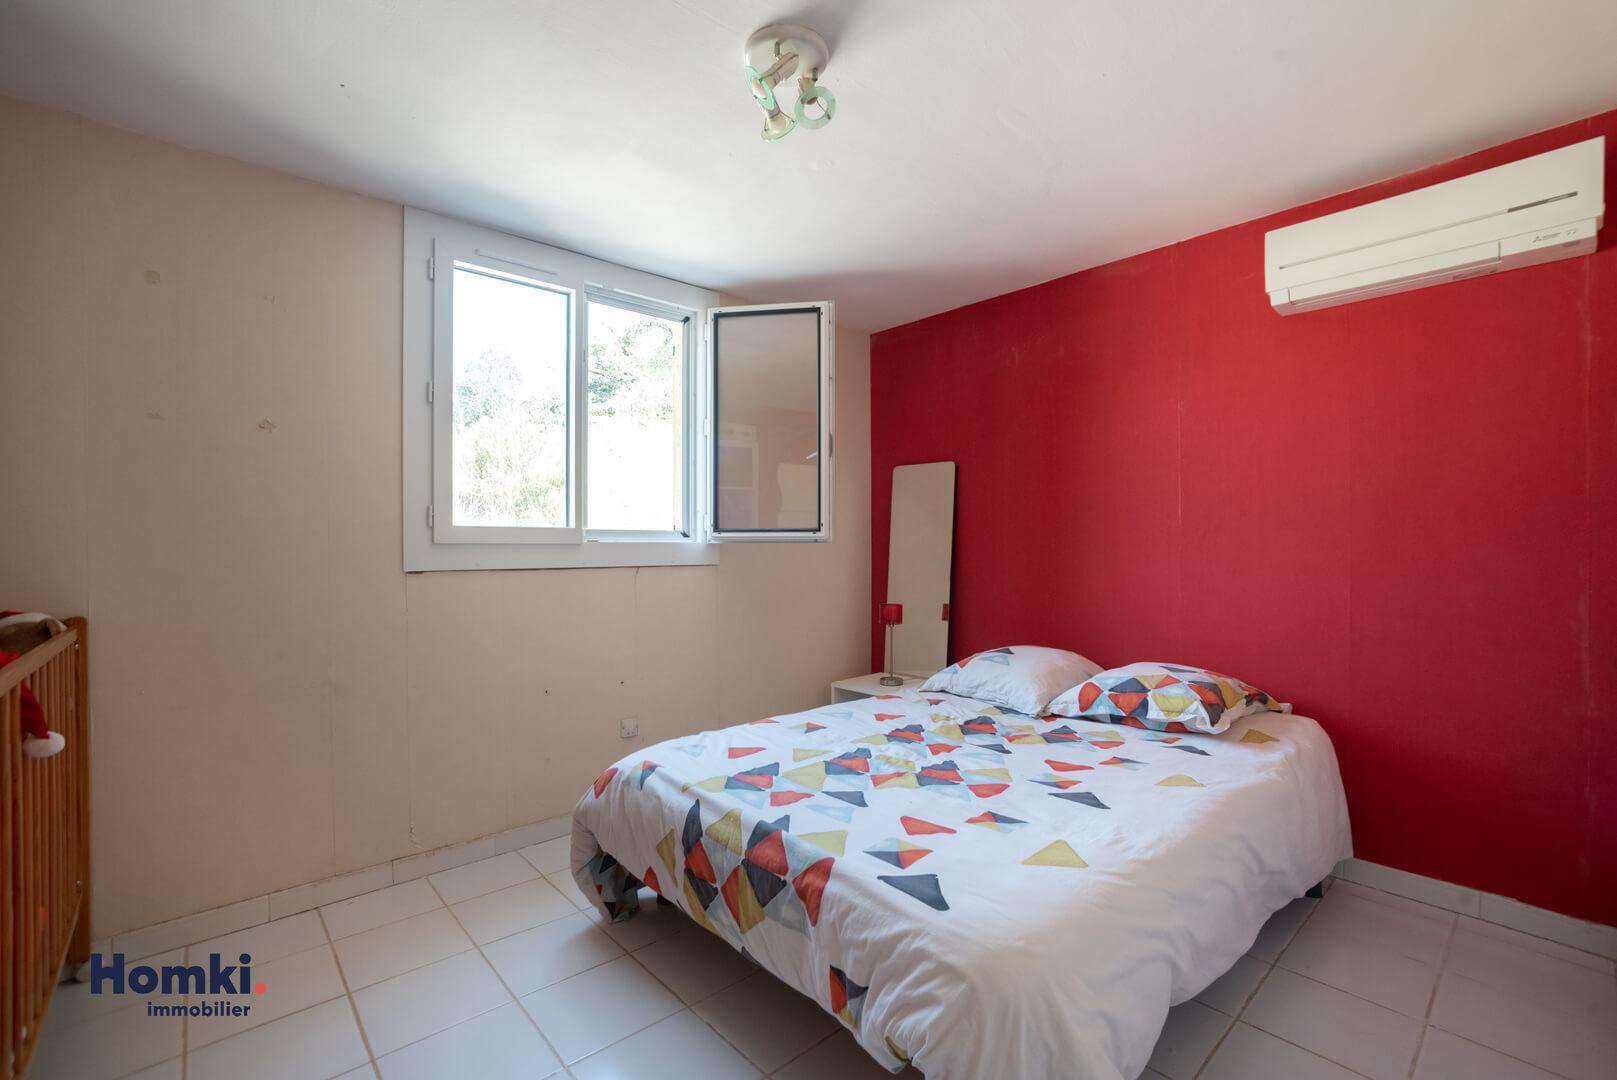 Vente maison 130m² T6 34110_6